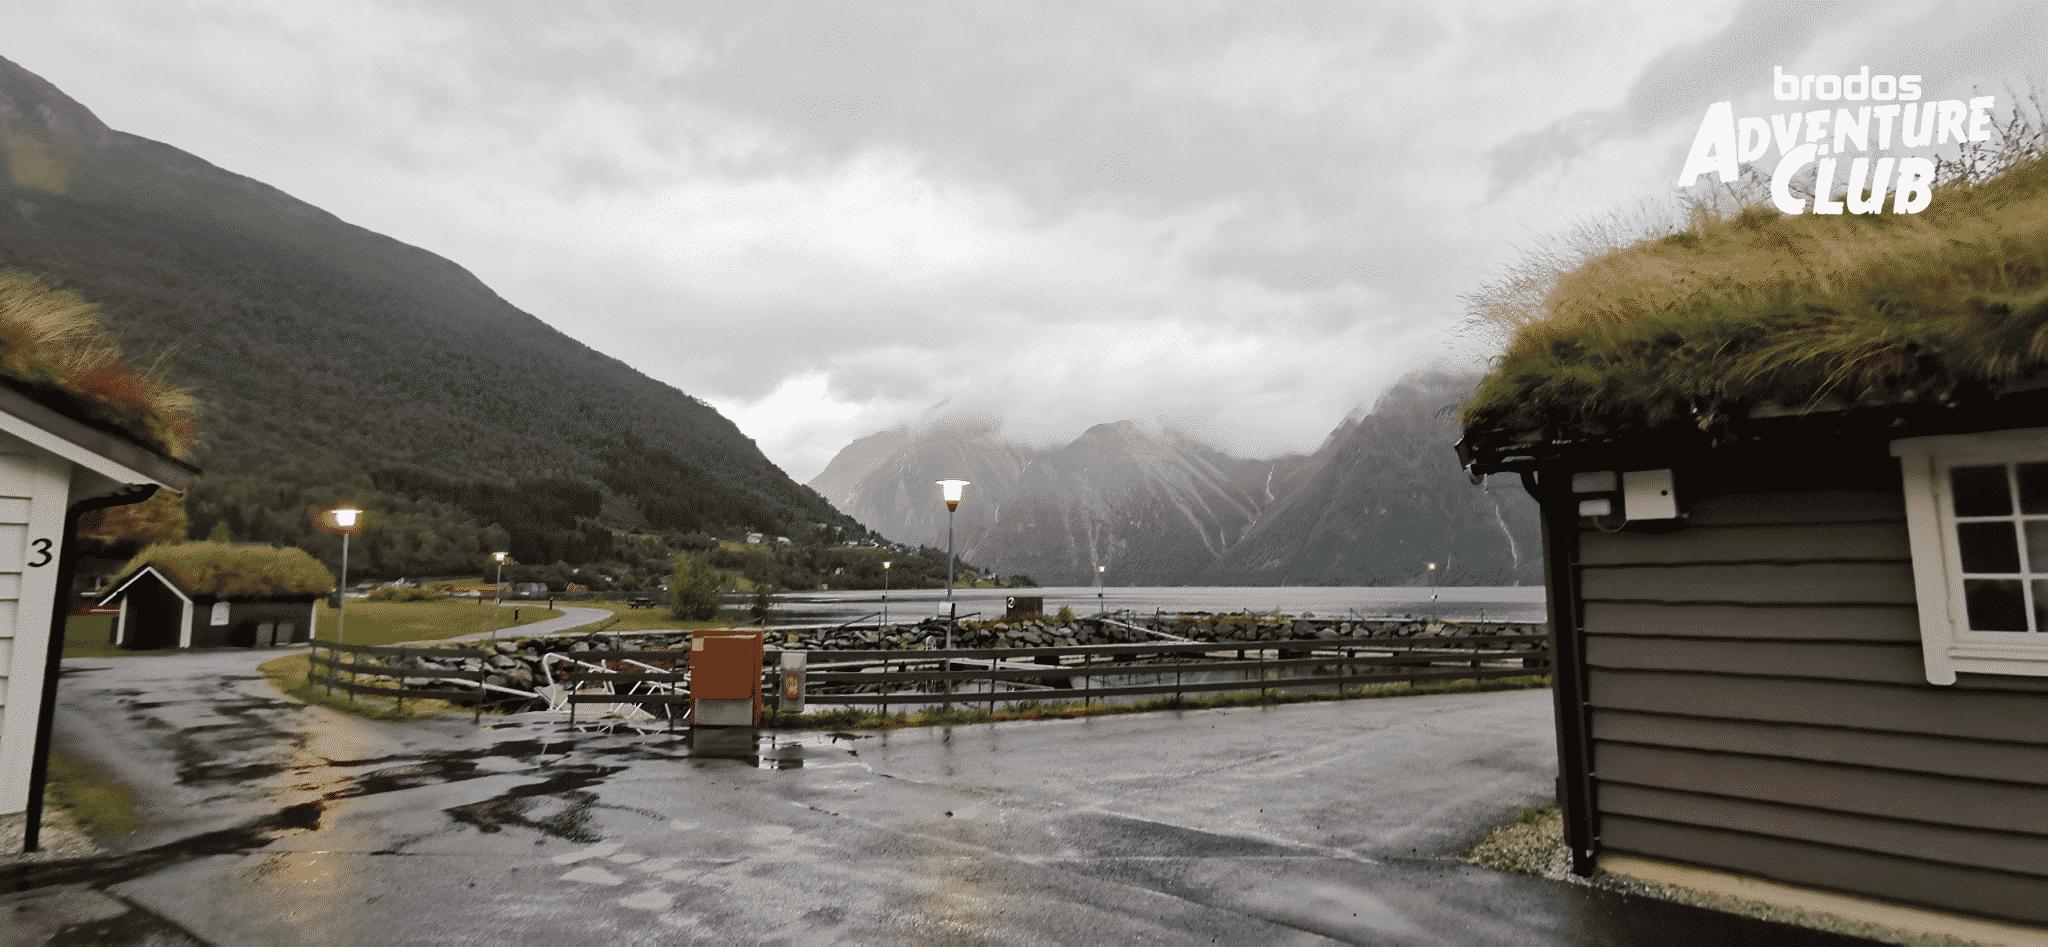 Sæbø - Brodos Norwergen Adventure